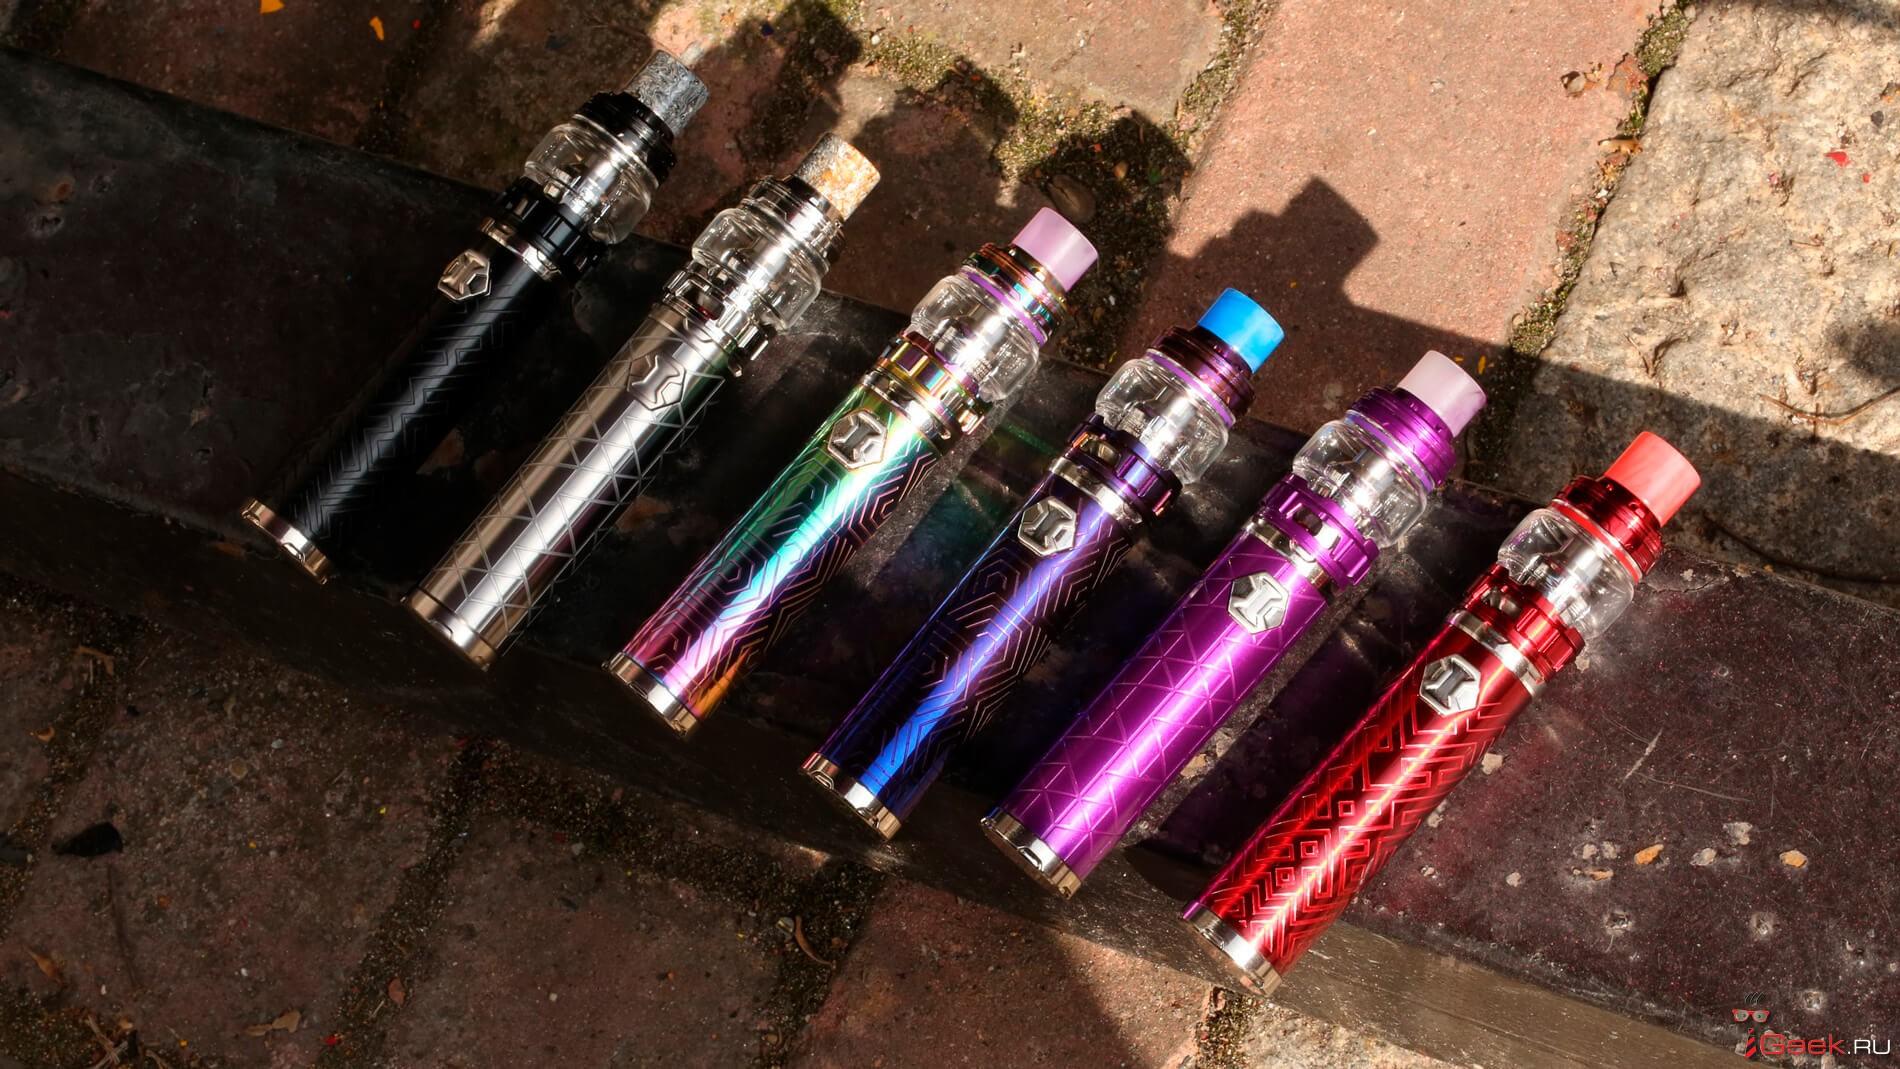 Купить электронную сигарету по доступным ценам